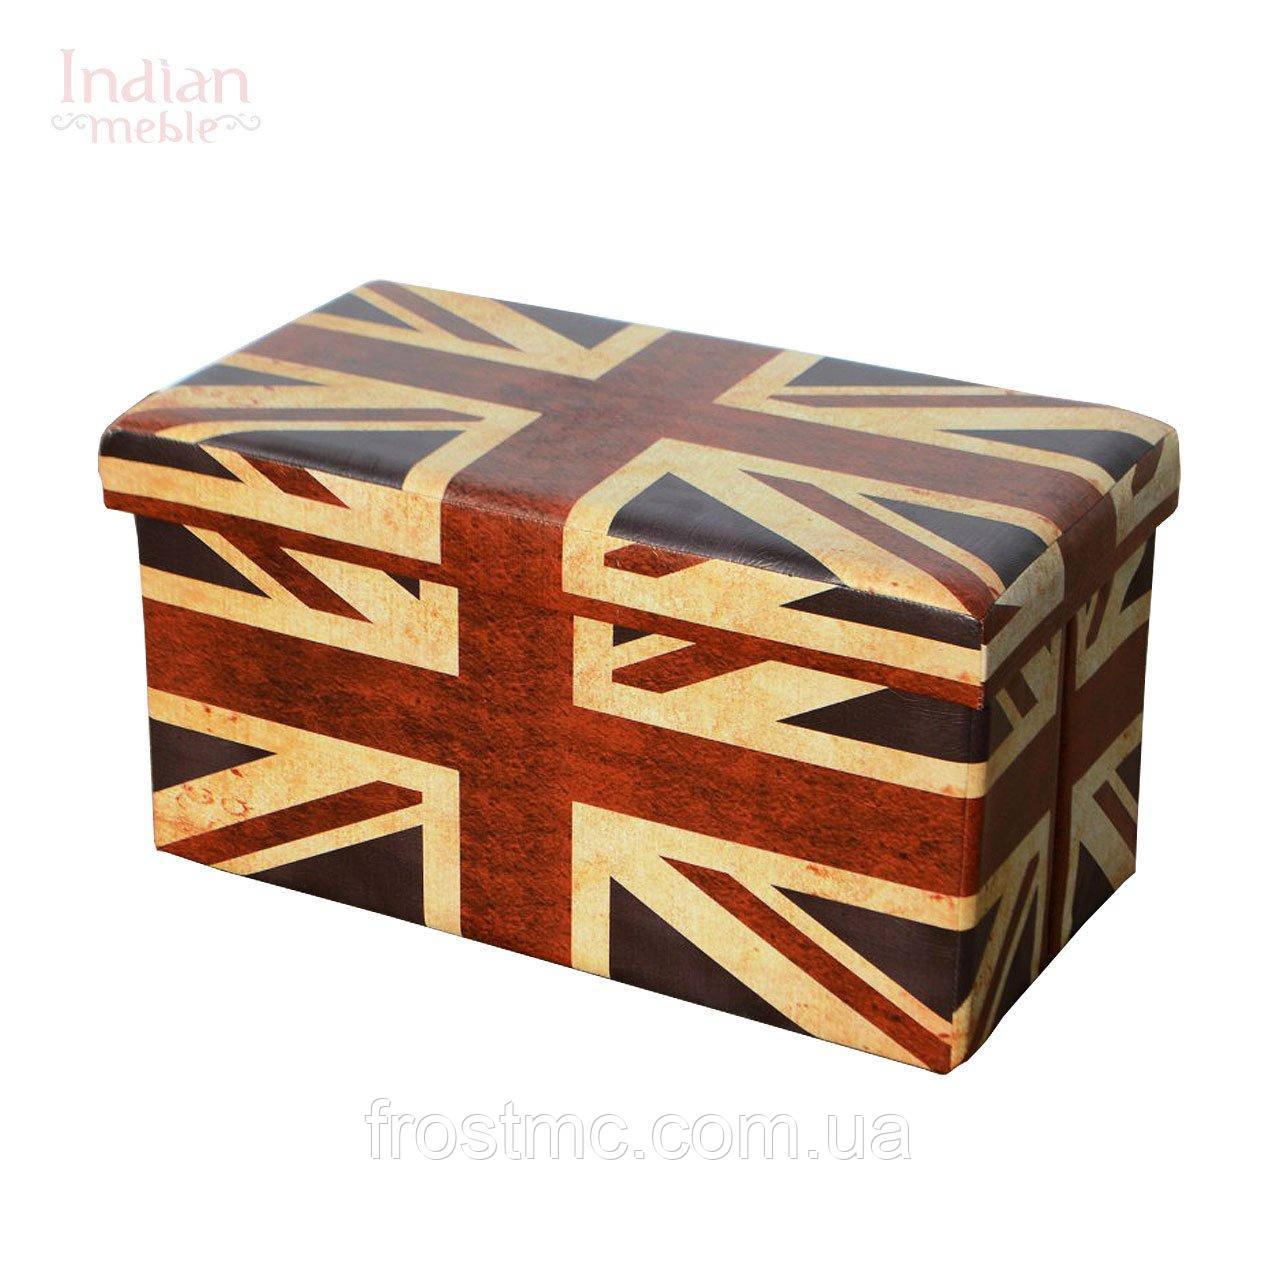 Велика скриння декоративна- LONDON